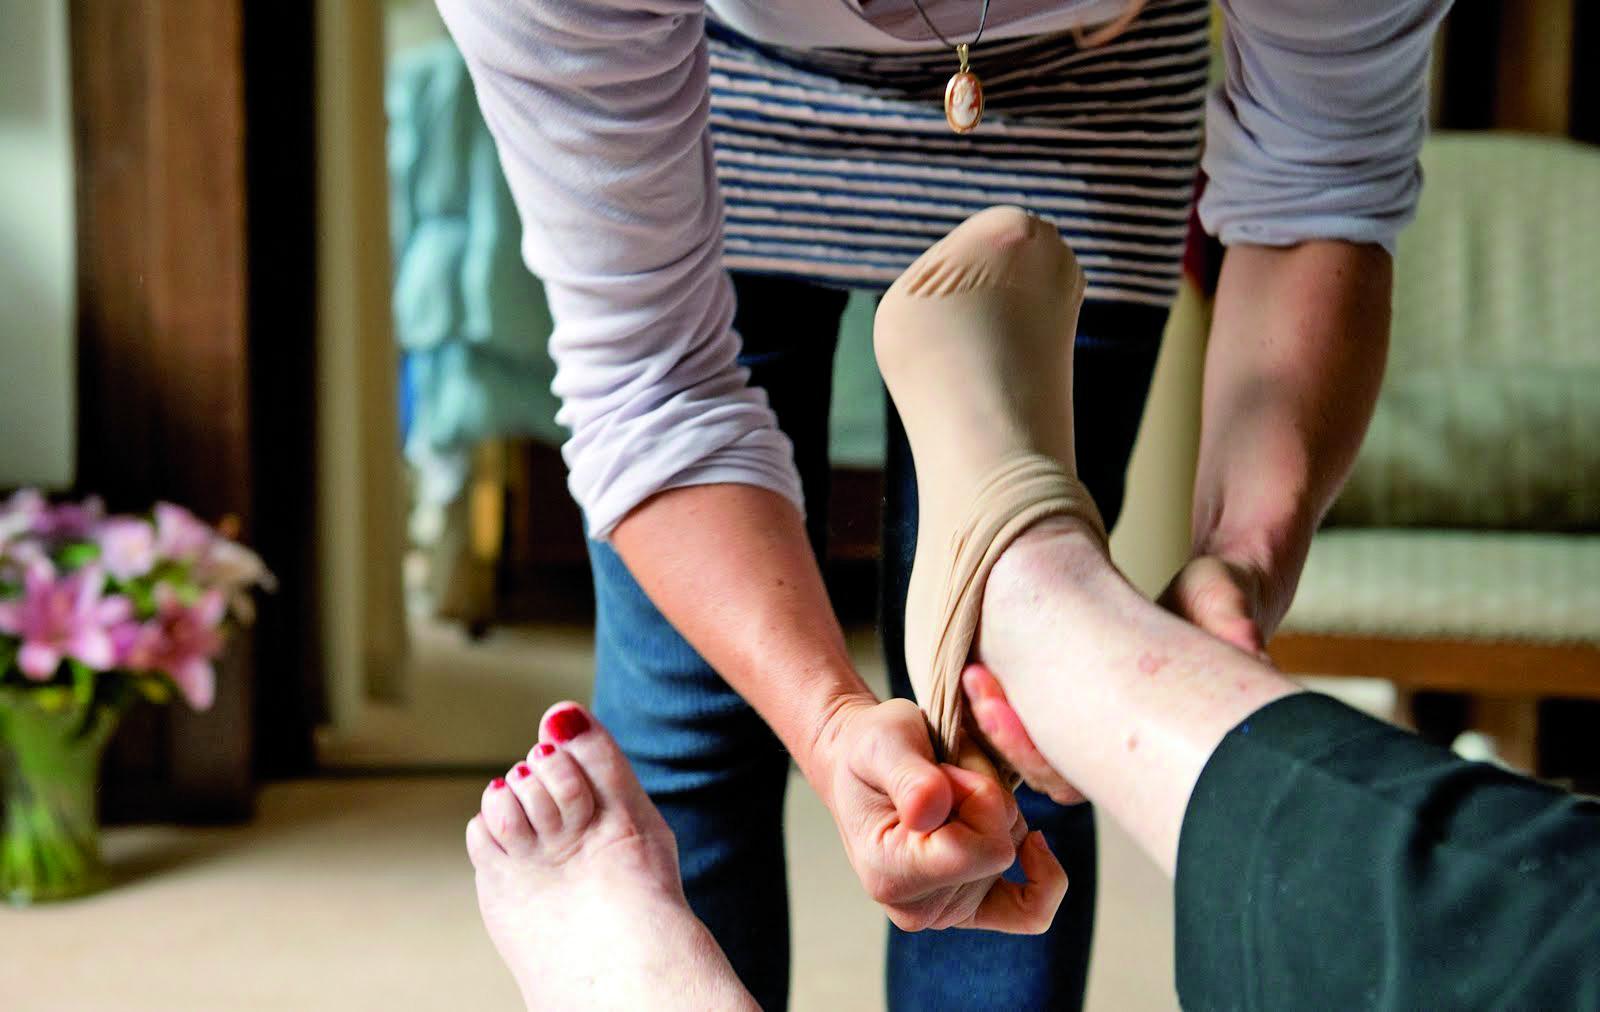 Wie langdurig en intensief voor een familielid zorgt, heeft recht op het mantelzorgcompliment. (Foto: archief)